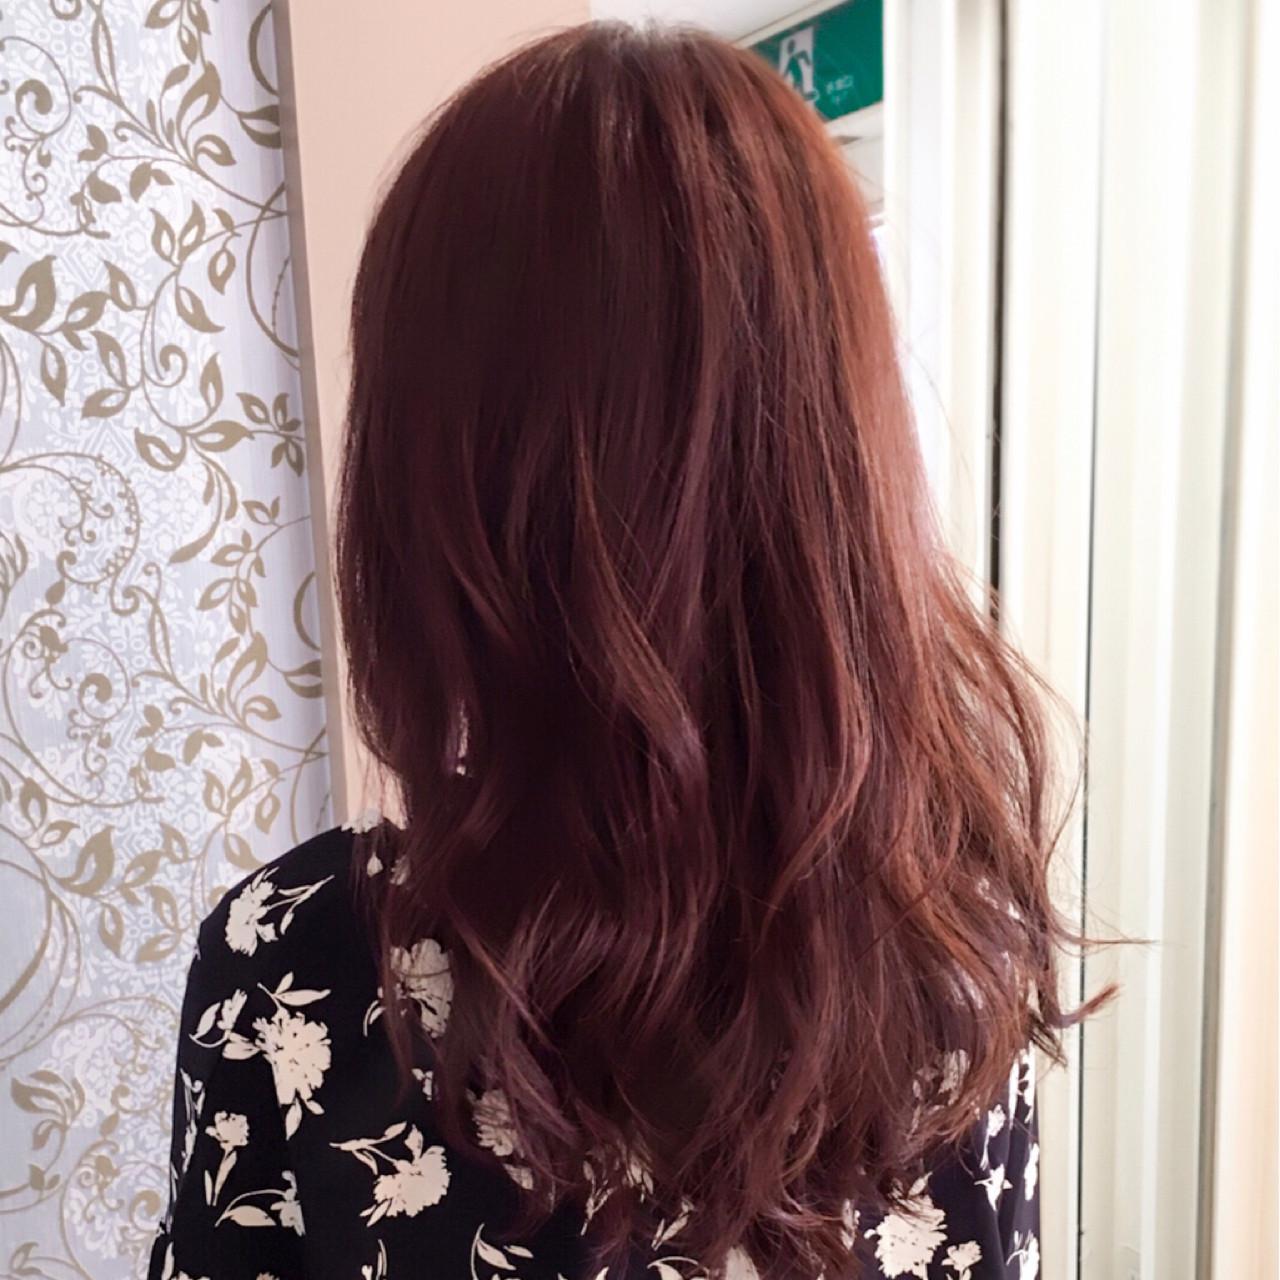 透明感 ピンクアッシュ フェミニン ハイトーン ヘアスタイルや髪型の写真・画像